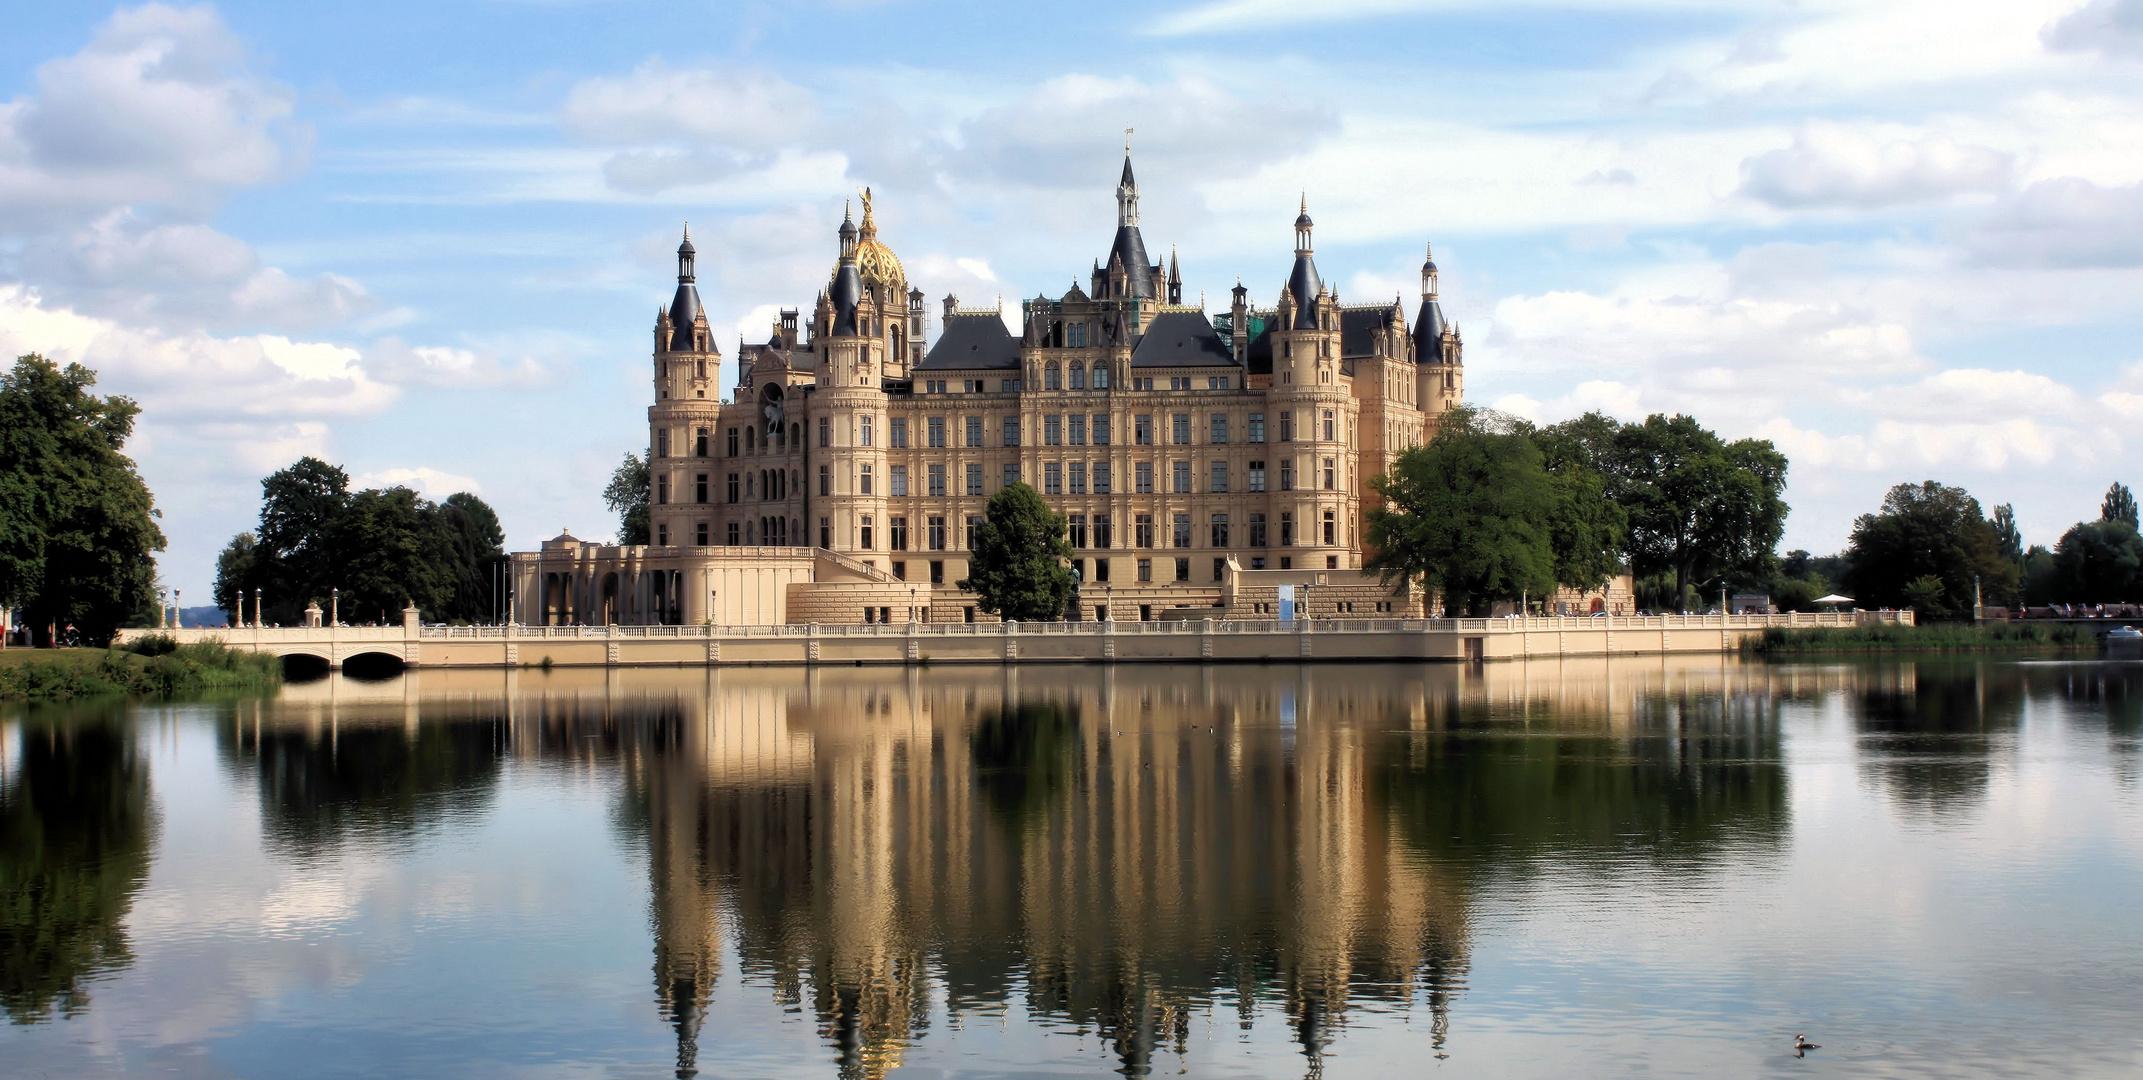 Noch ein Postkartenfoto / Schwerin / Schloss BUGA 2009